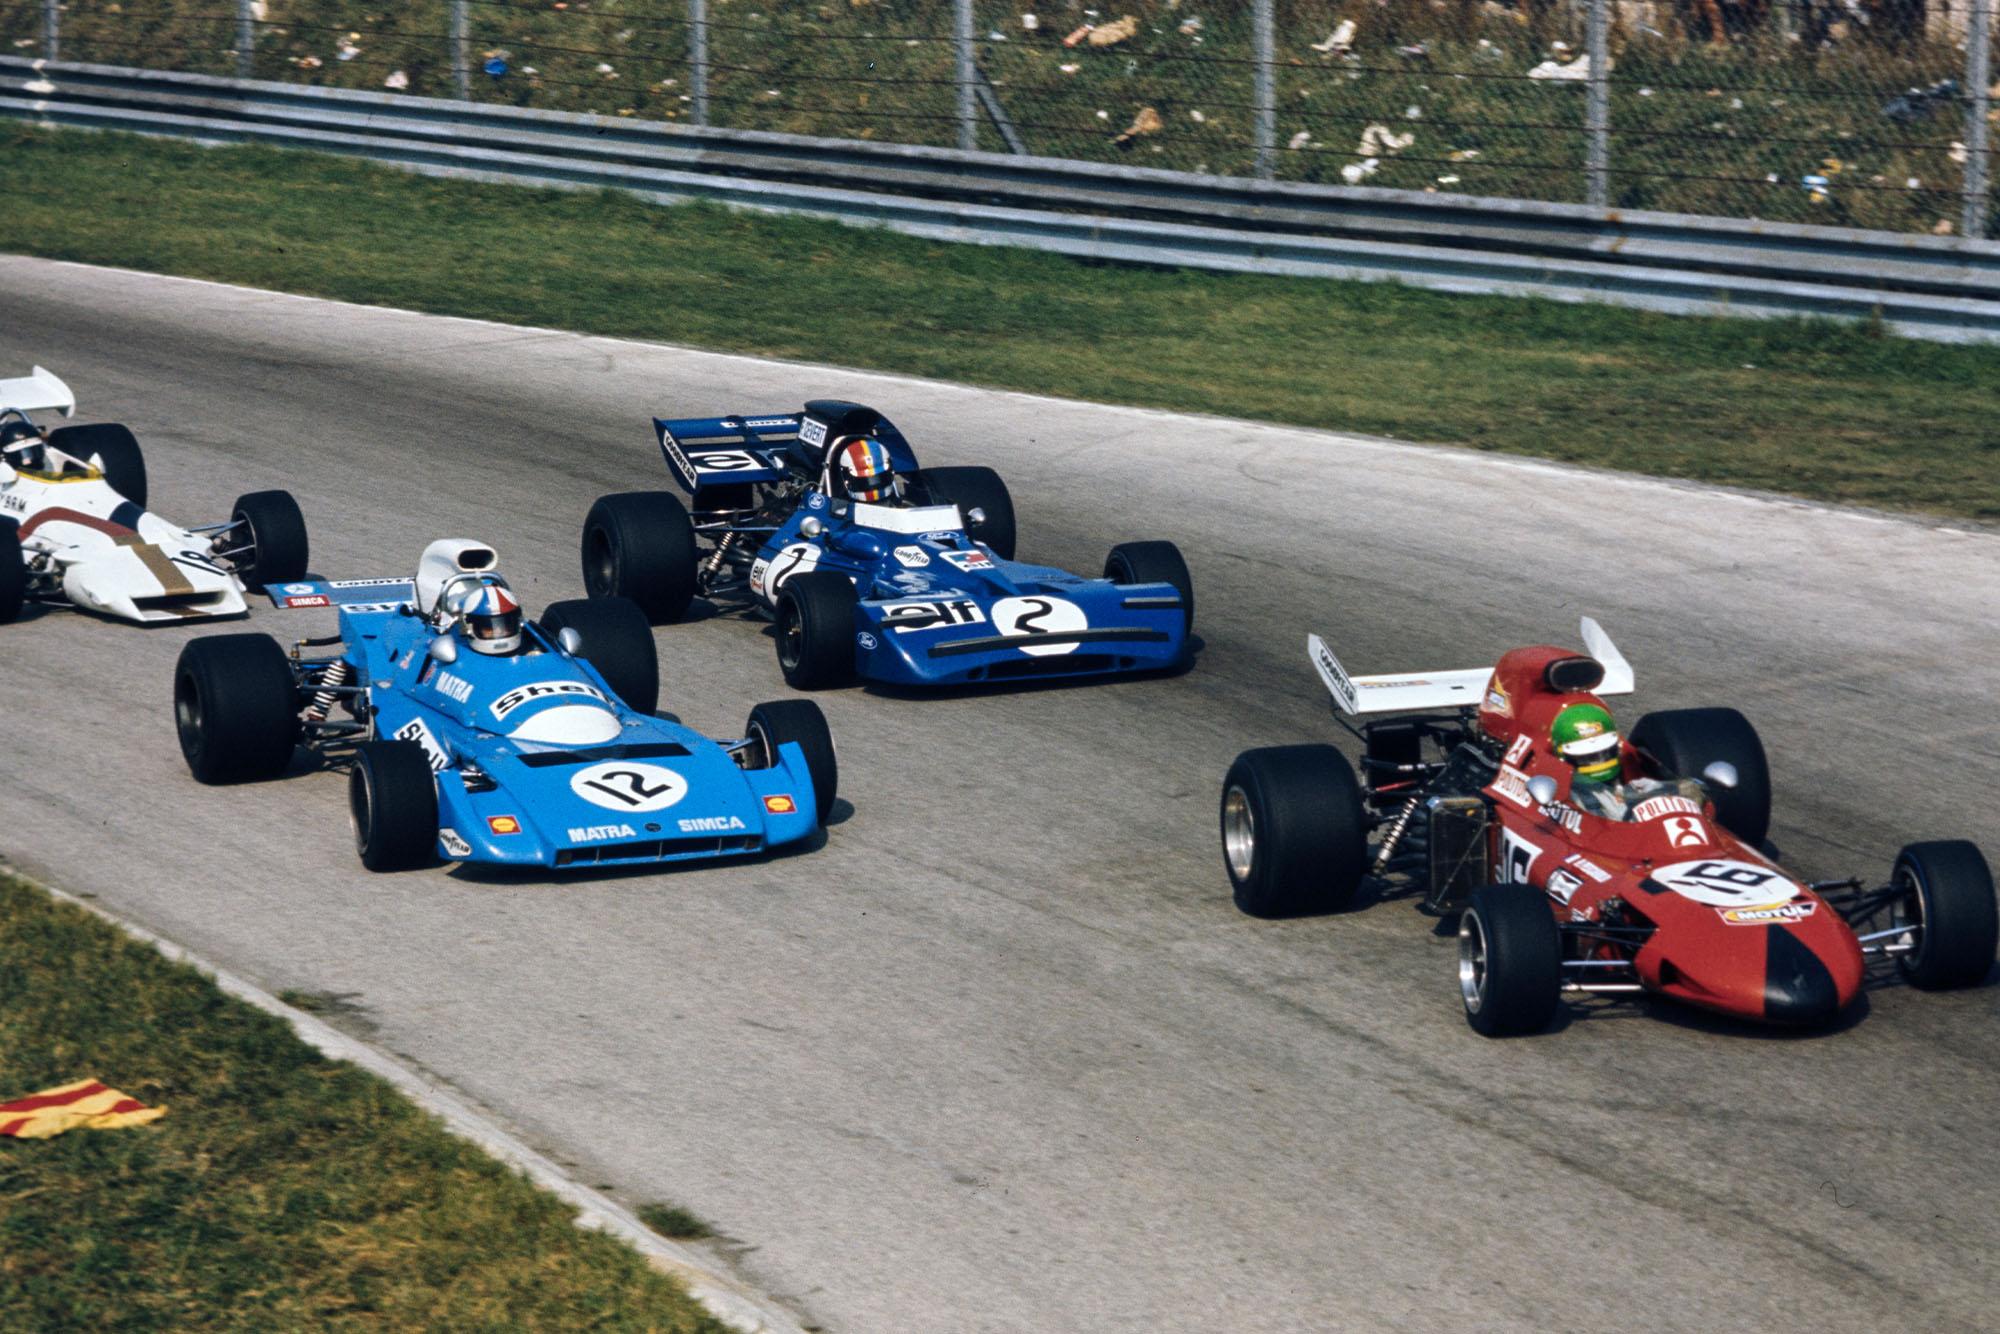 Henri Pescarolo leads the field into Curva Sud.